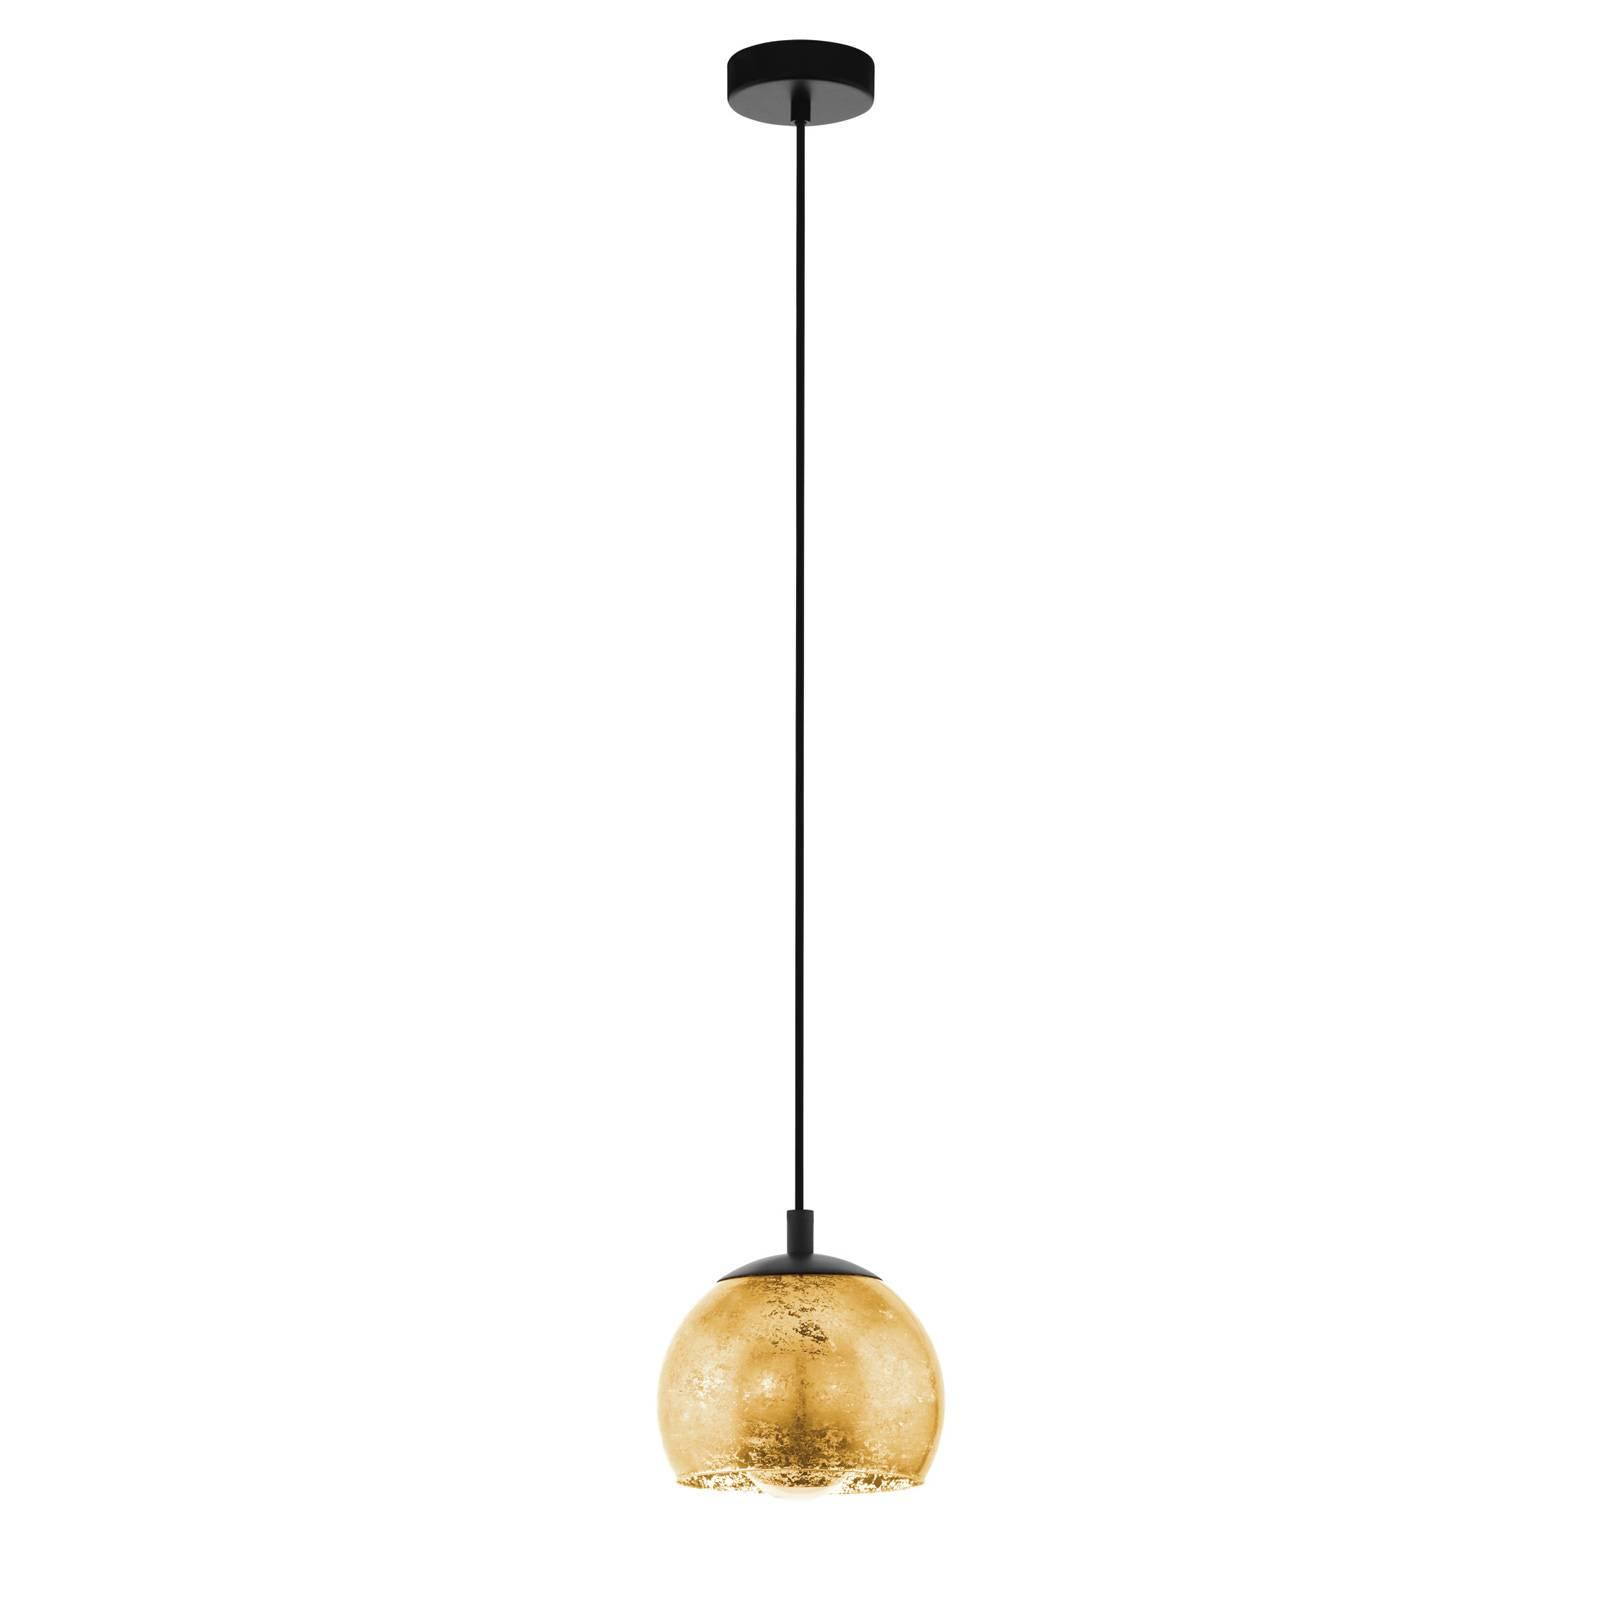 Suspension Albaraccin à 1 lampe, Ø 19cm